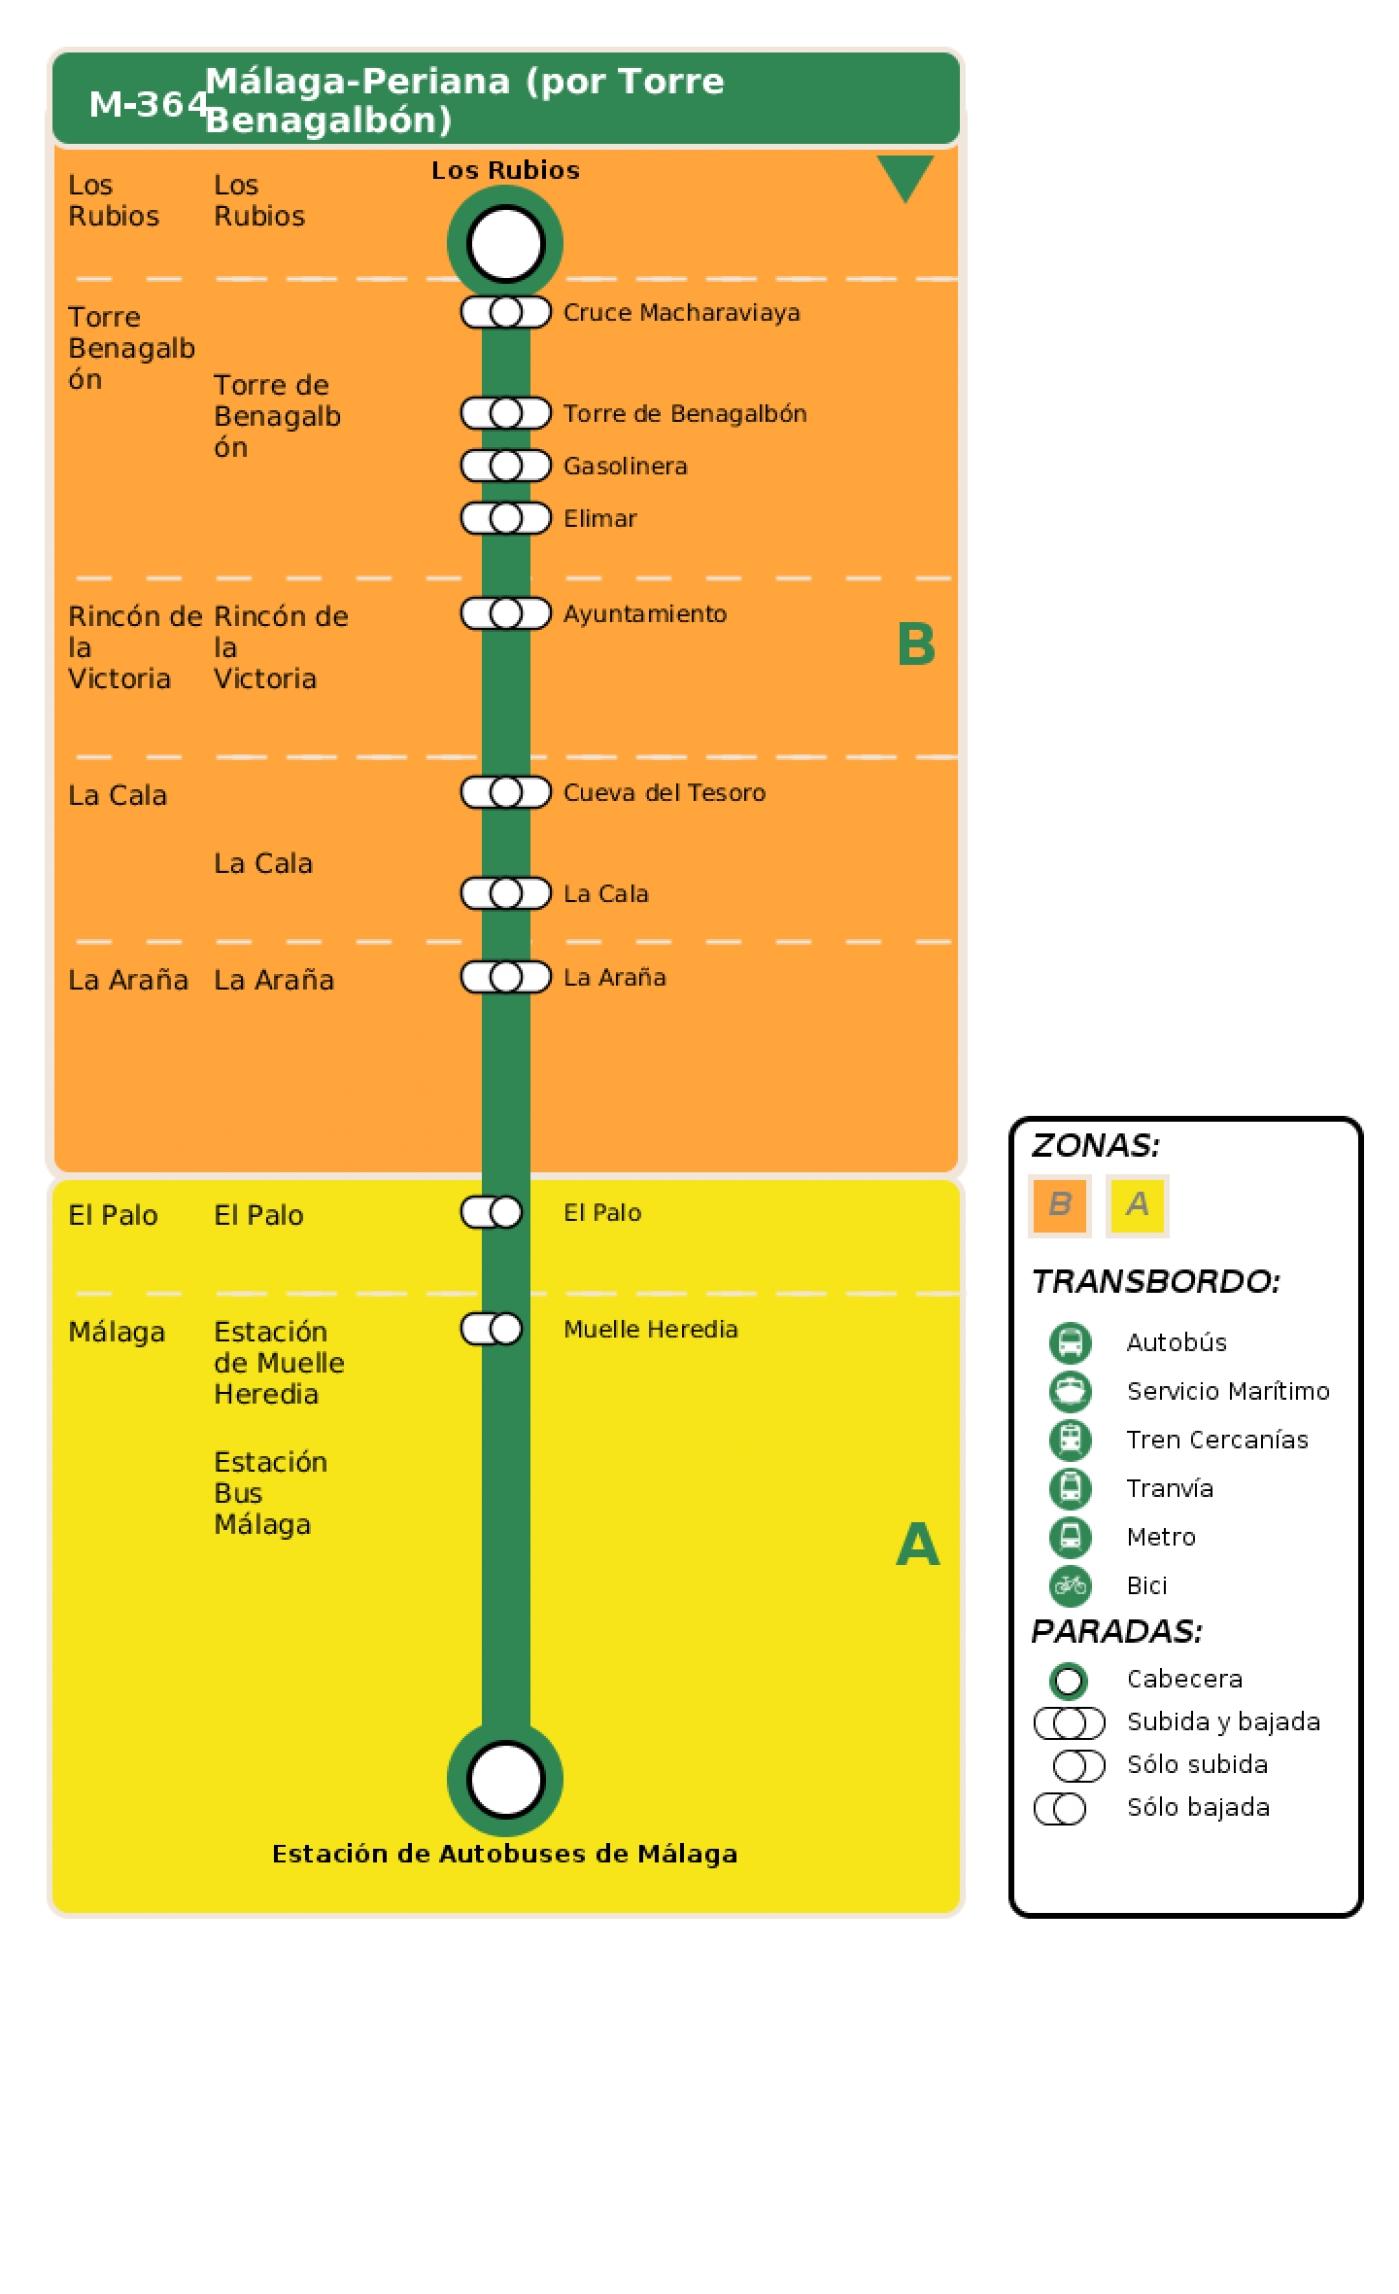 Recorrido esquemático, paradas y correspondencias en sentido vuelta Línea M-364: Málaga - Periana